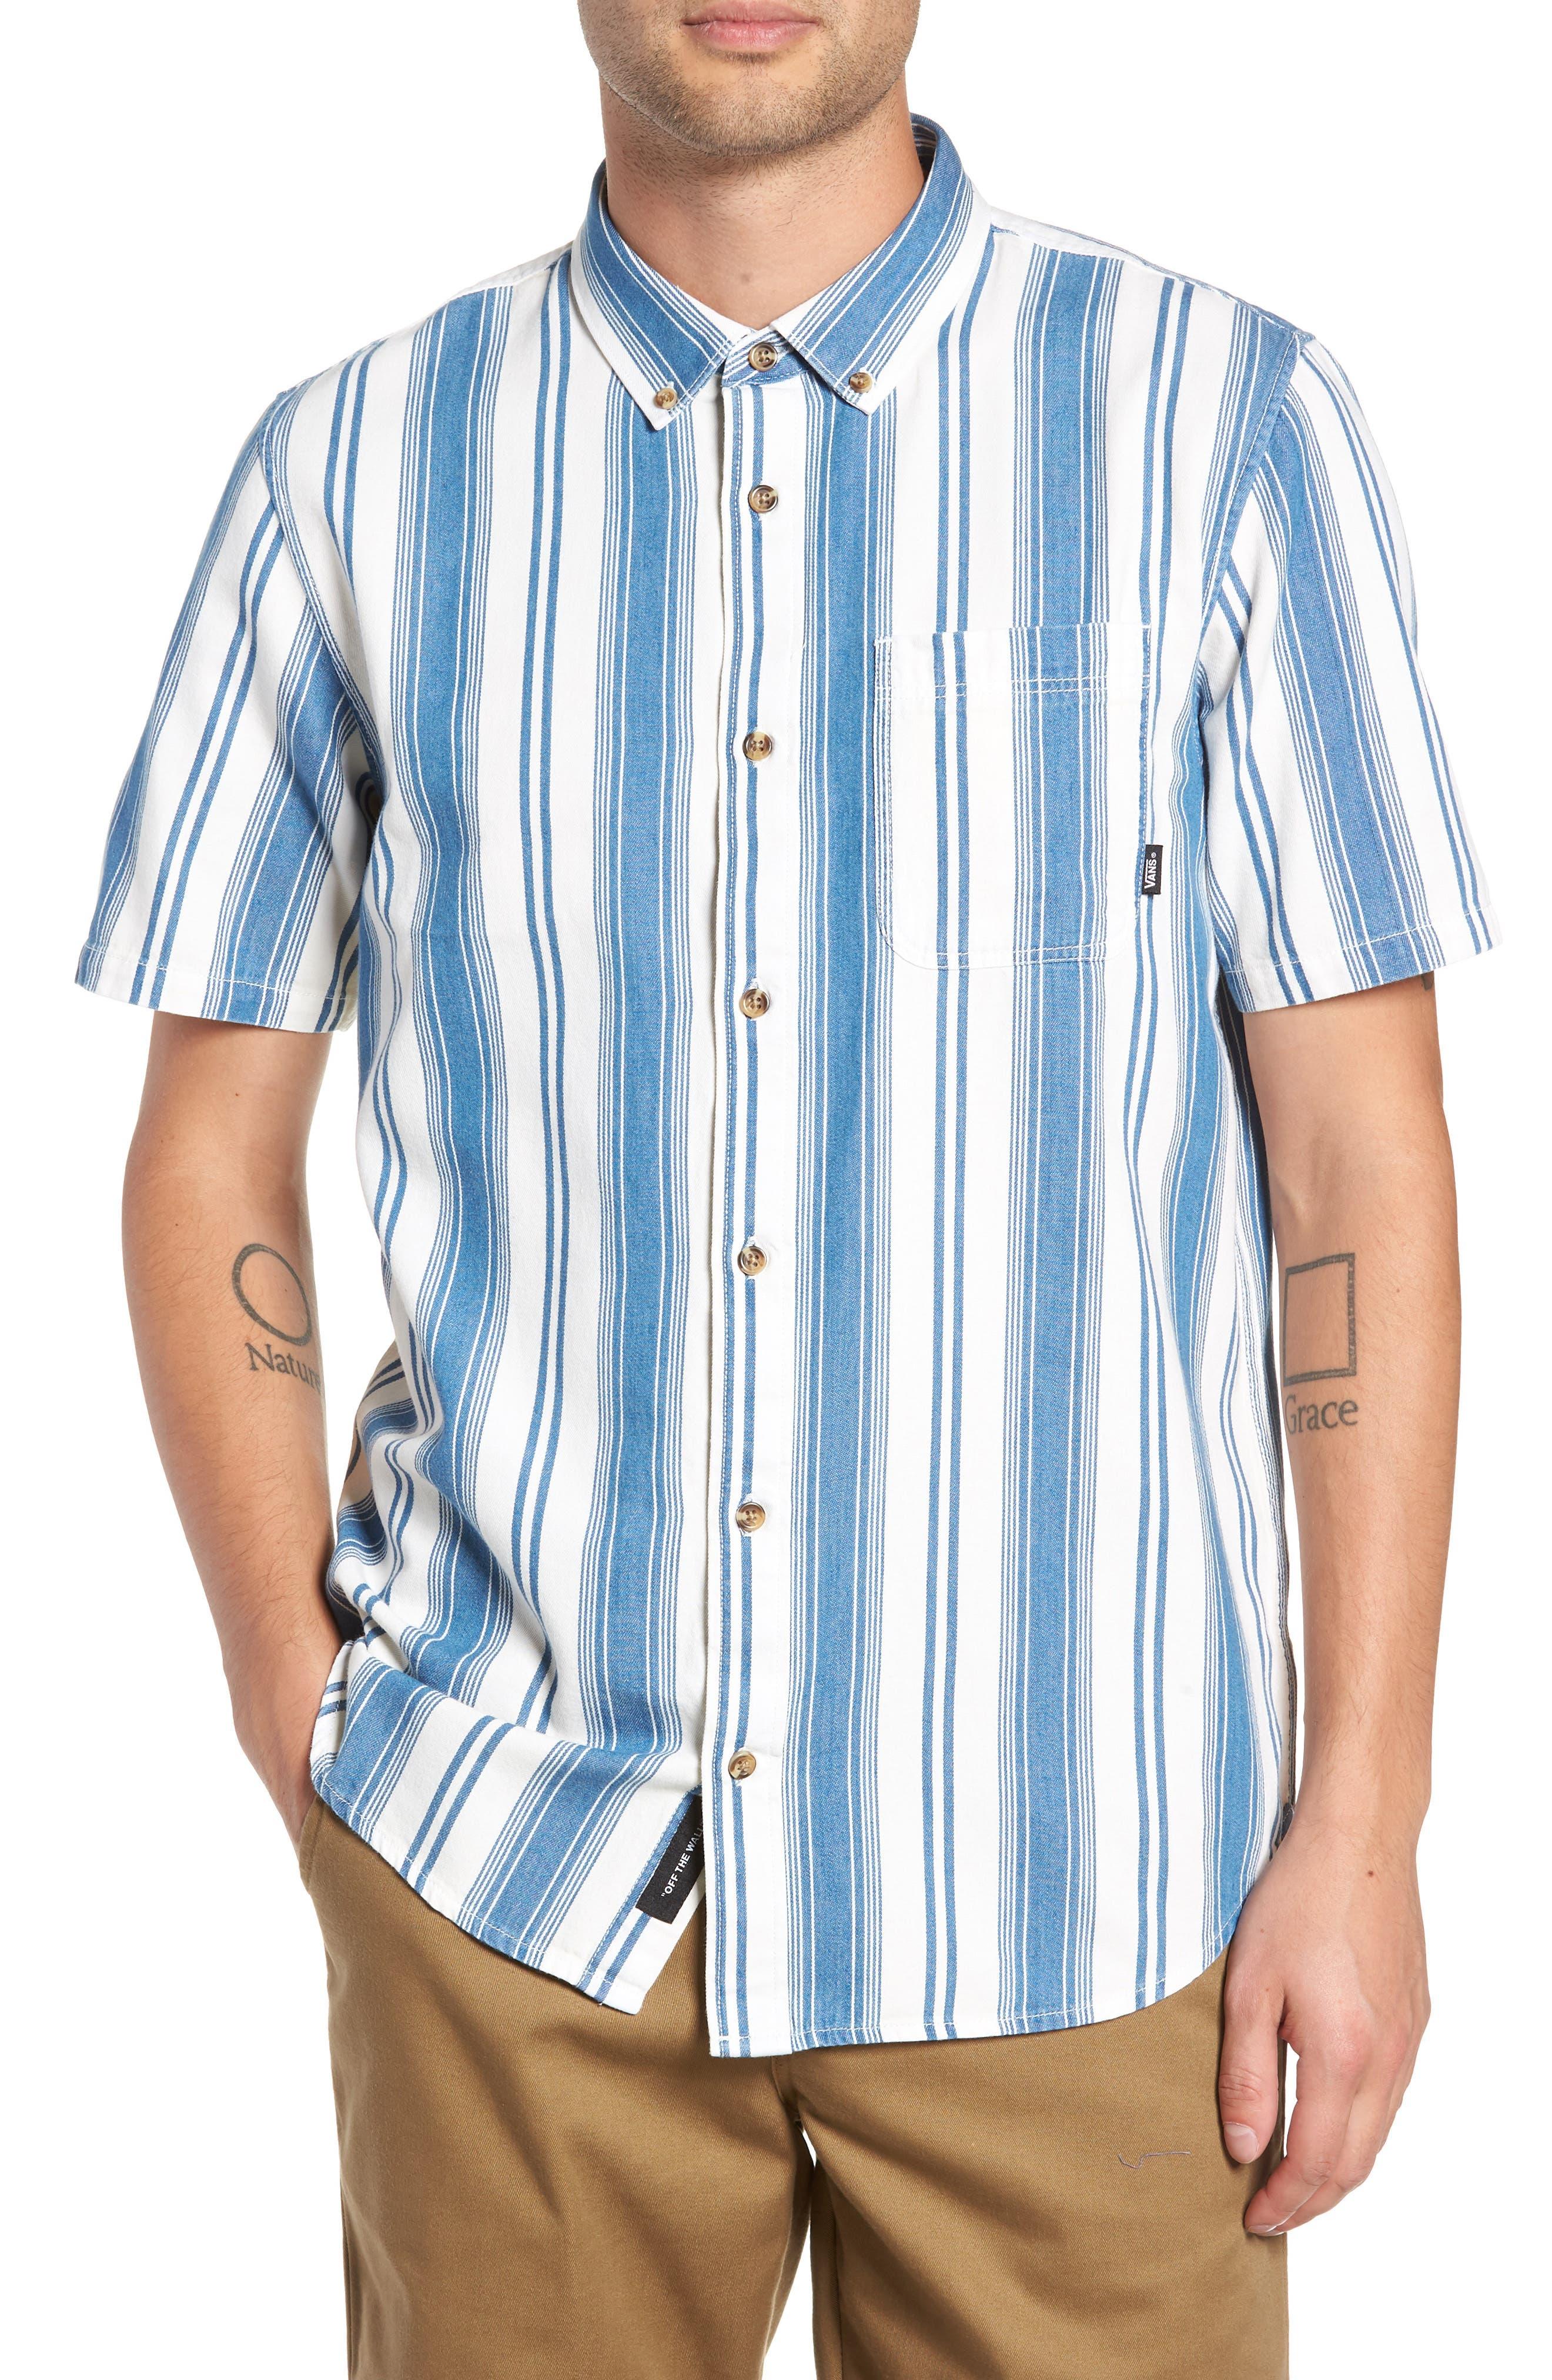 Linden Striped Woven Shirt,                             Main thumbnail 1, color,                             INDIGO